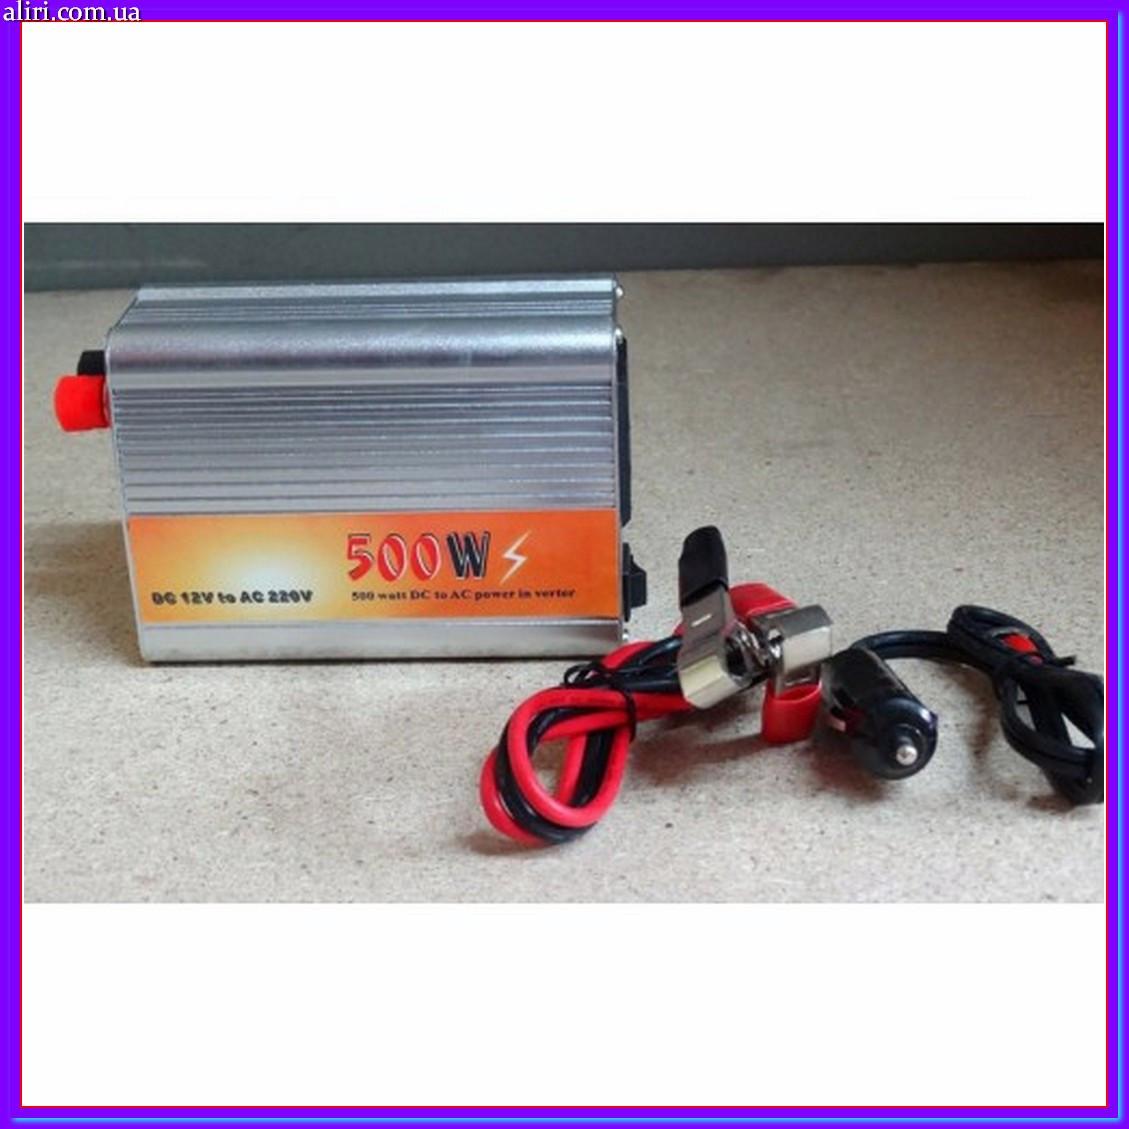 Инвертор преобразователь напряжения с 12 на 220V - 500W